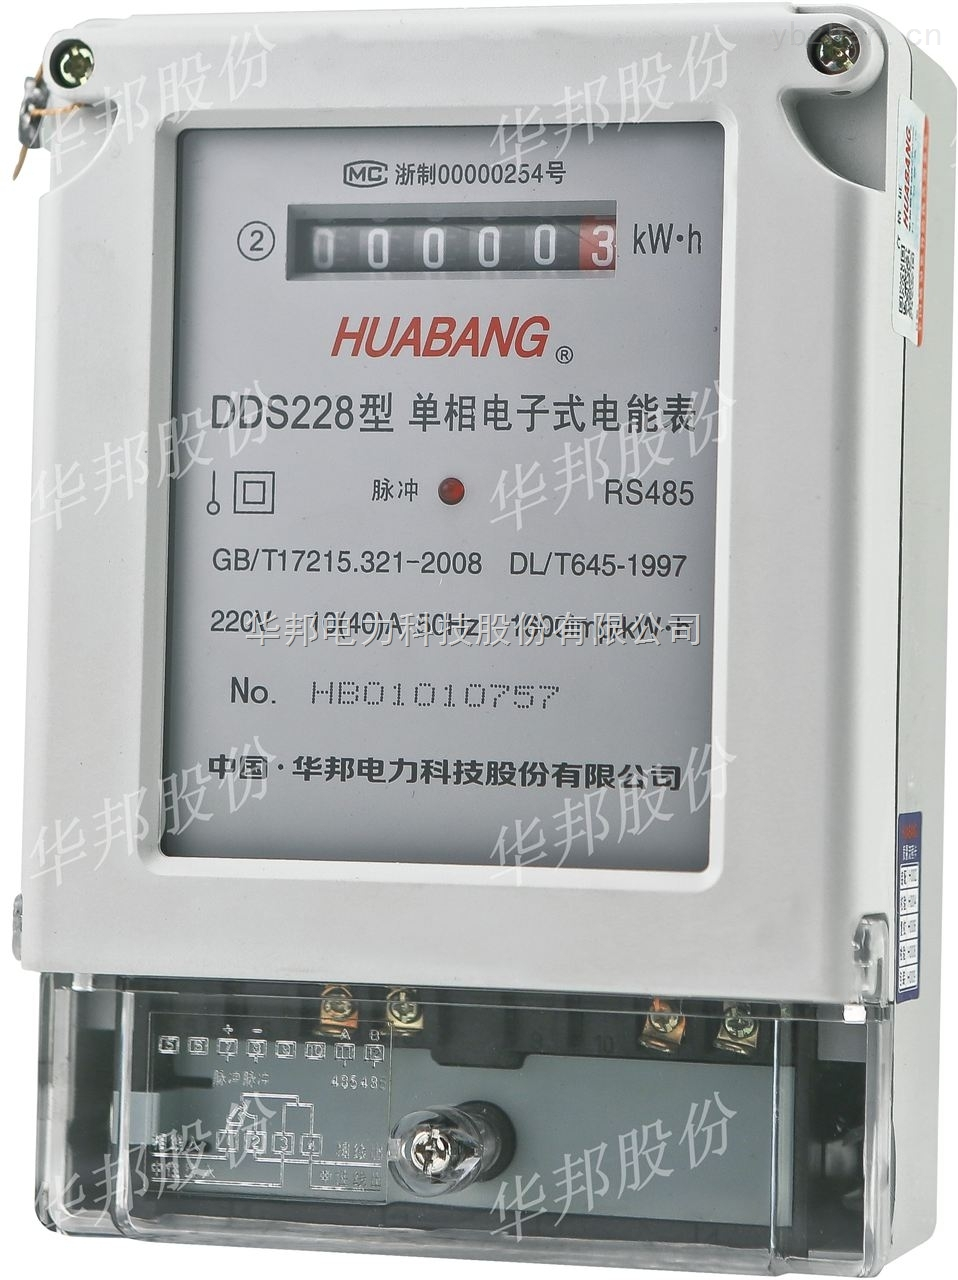 DDS228-单相电能表生产厂家